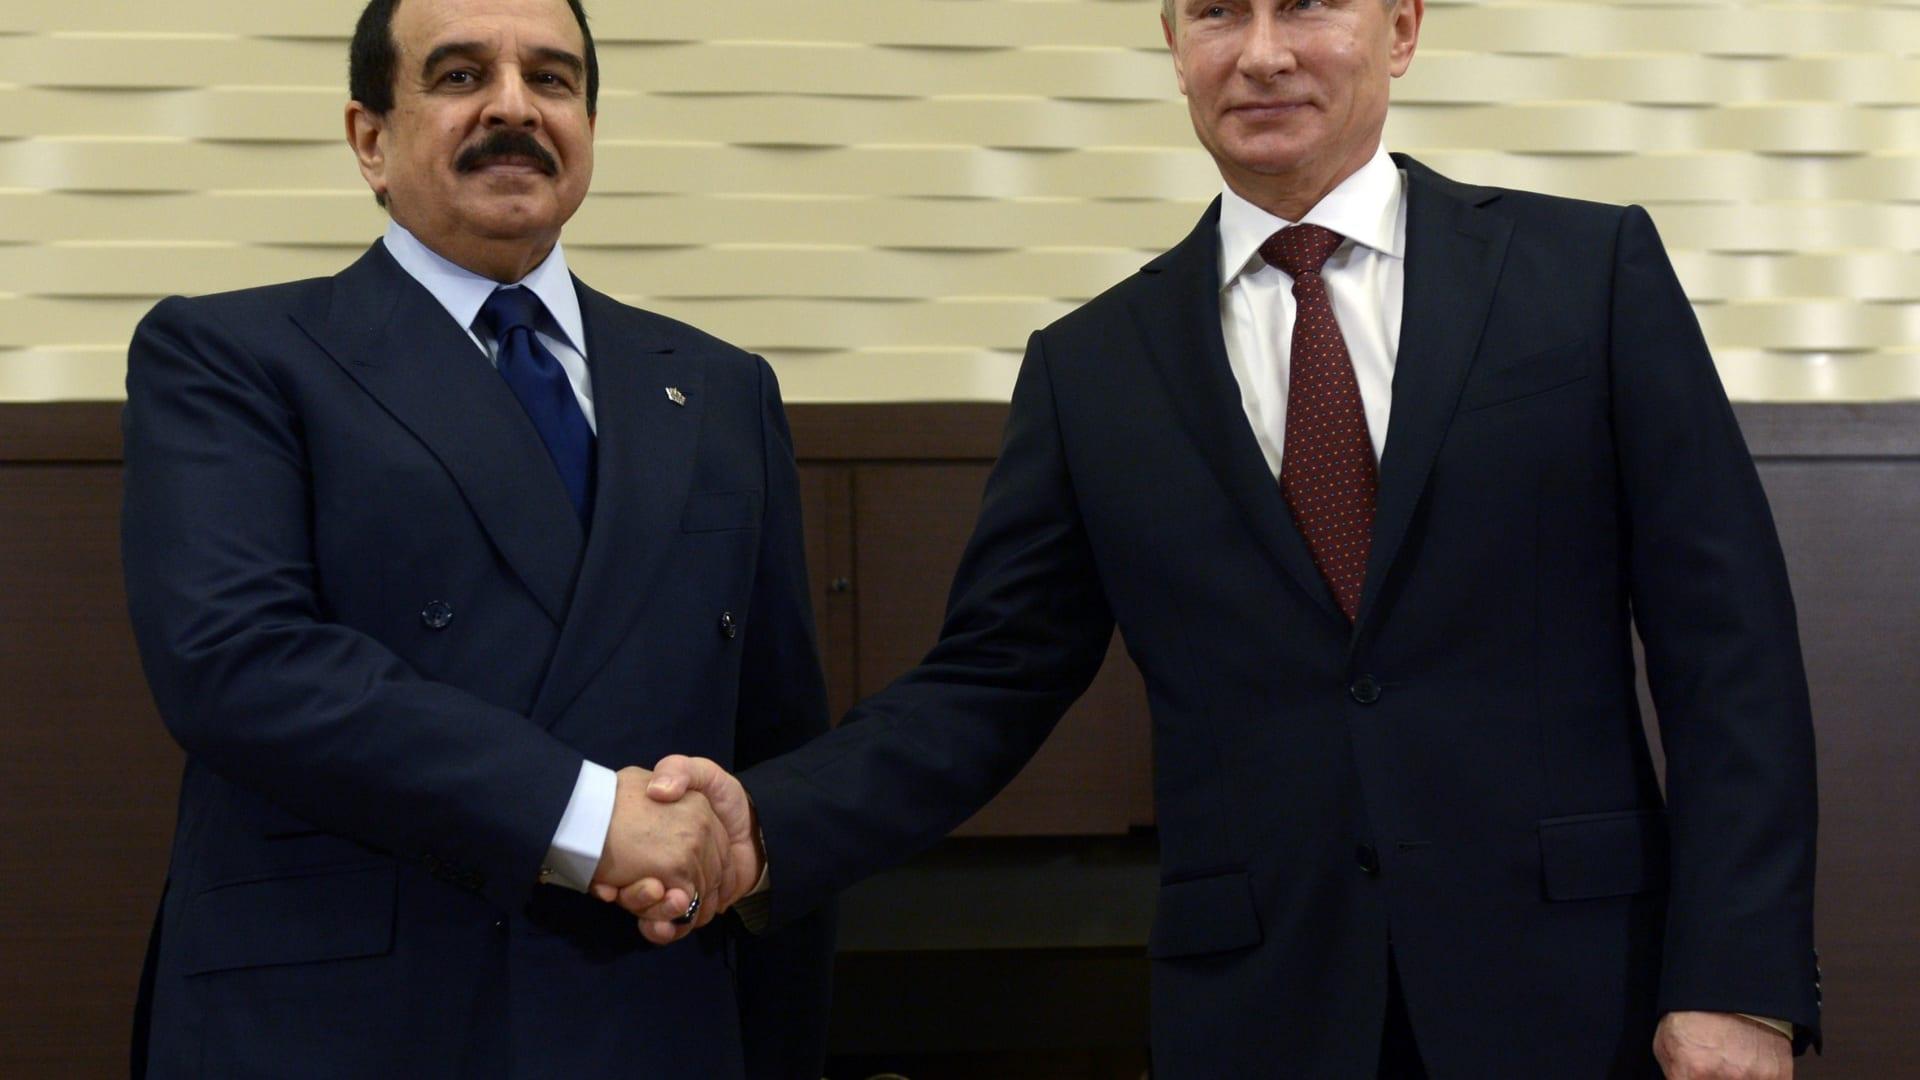 ملك البحرين يناقش مع بوتين تطوير العلاقات الثنائية وقضايا الإرهاب وأوضاع الشرق الأوسط